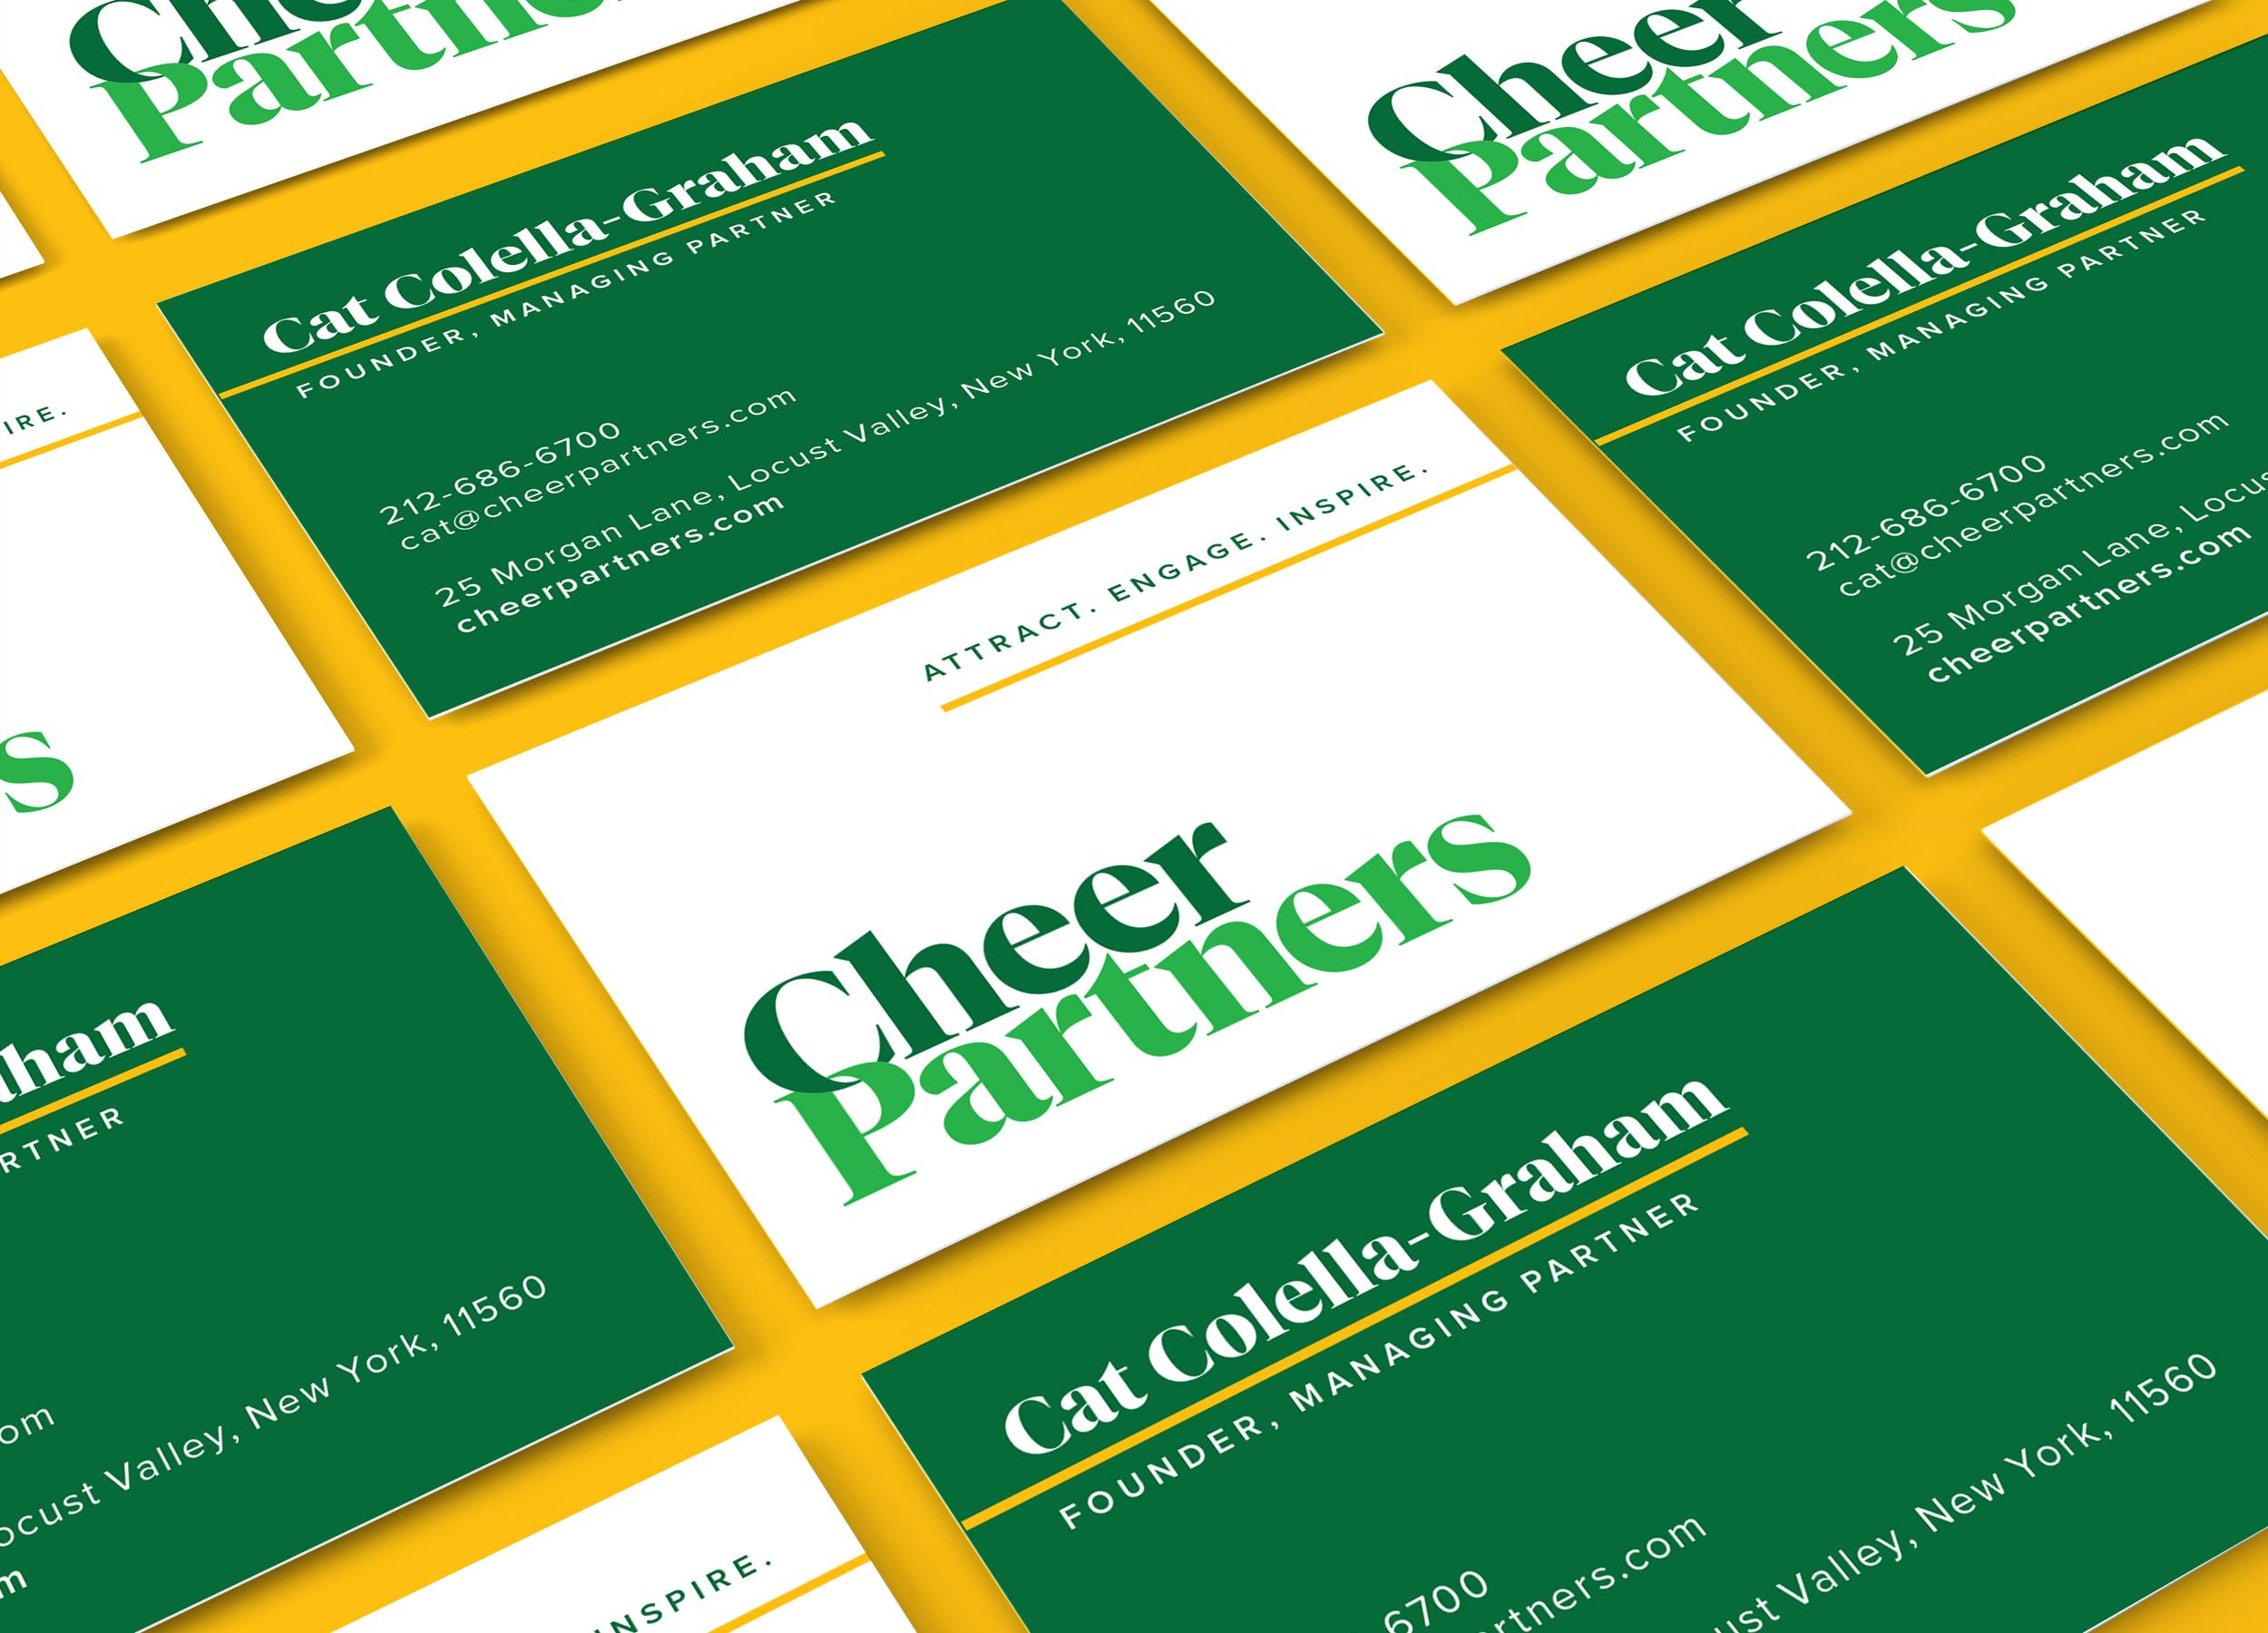 CHEER_cards.jpg